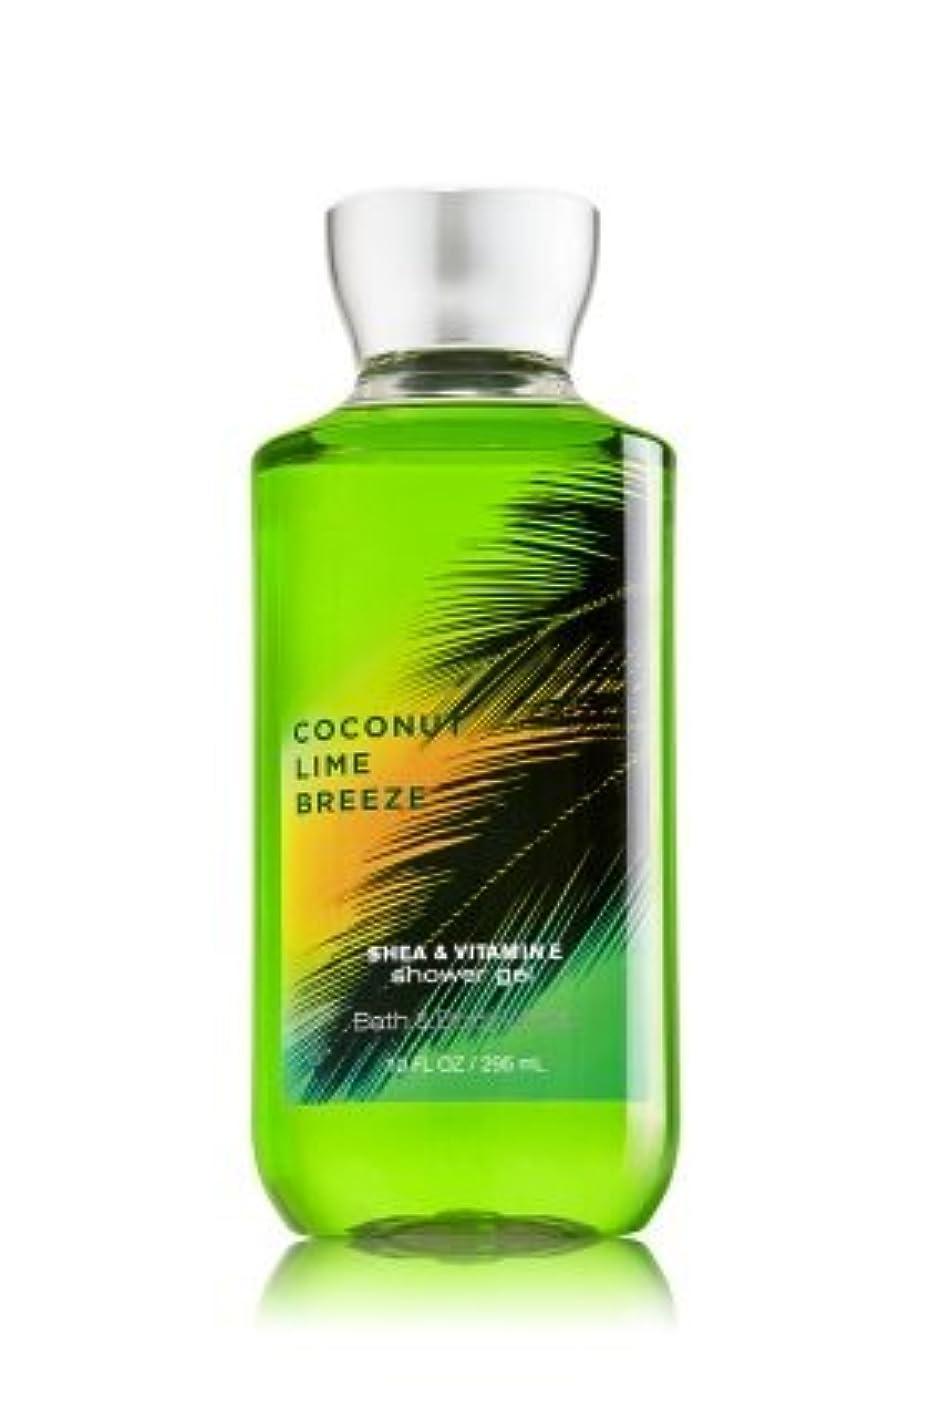 道を作る怠けた前に【Bath&Body Works/バス&ボディワークス】 シャワージェル ココナッツライムブリーズ Shower Gel Coconut Lime Breeze 10 fl oz / 295 mL [並行輸入品]